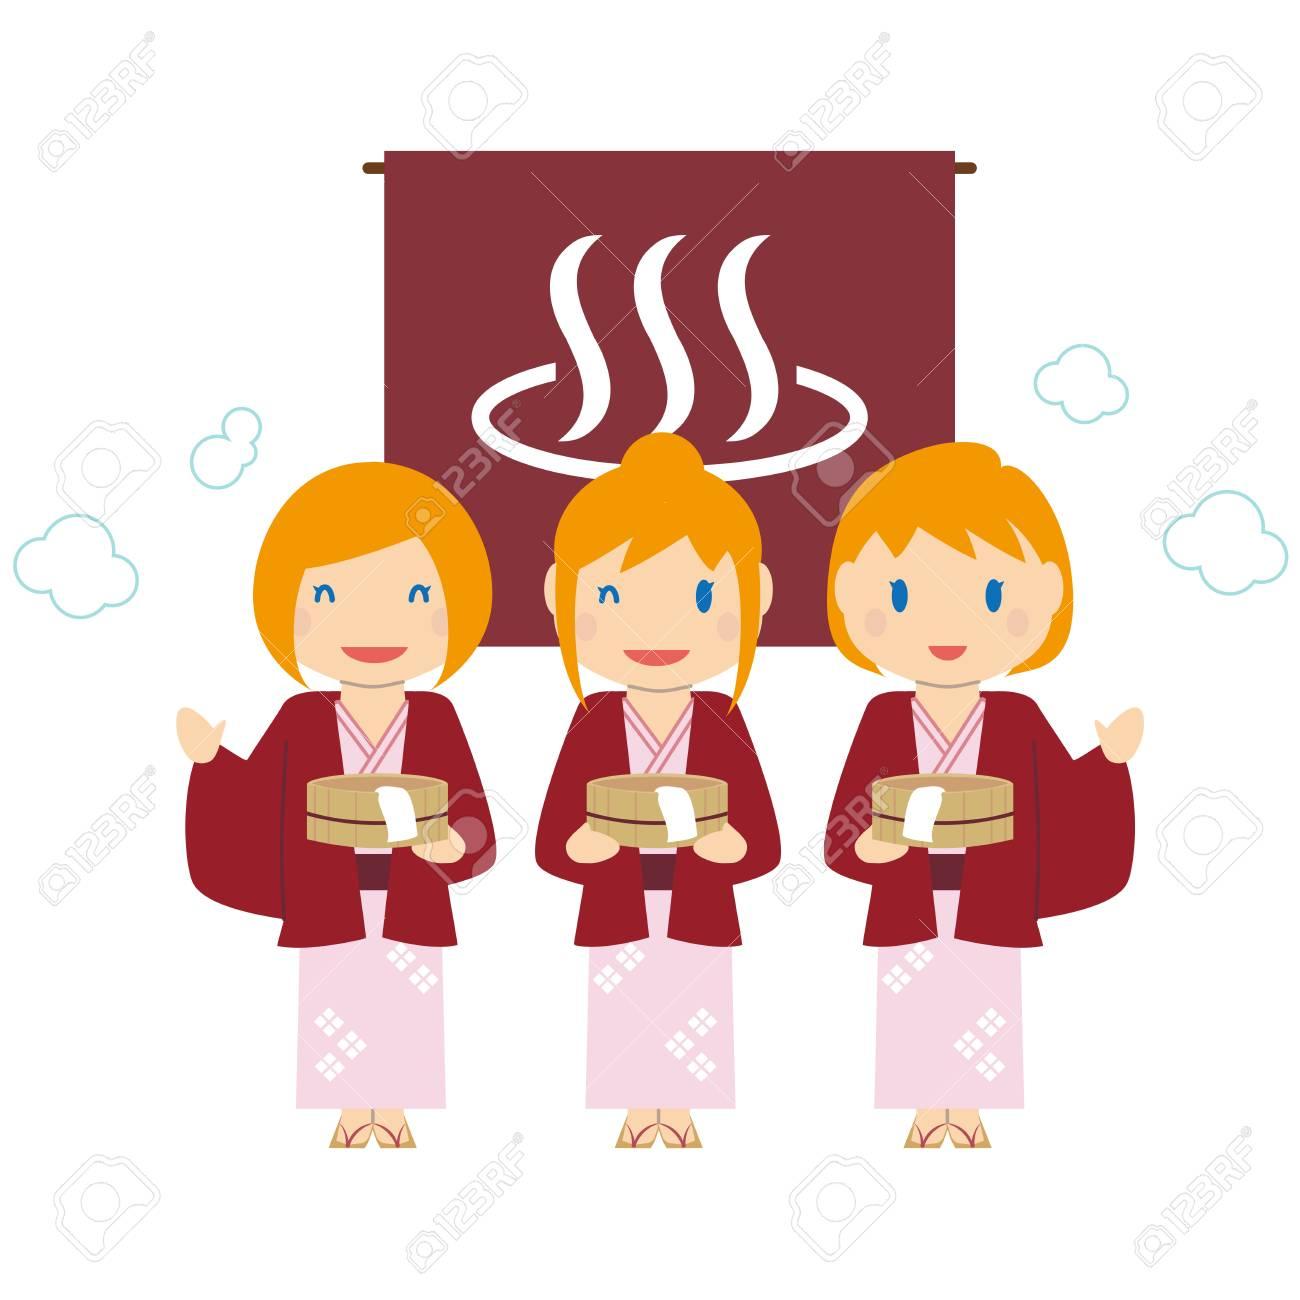 かわいい金髪外国人女性 3 温泉旅行のイラスト素材 ベクタ Image